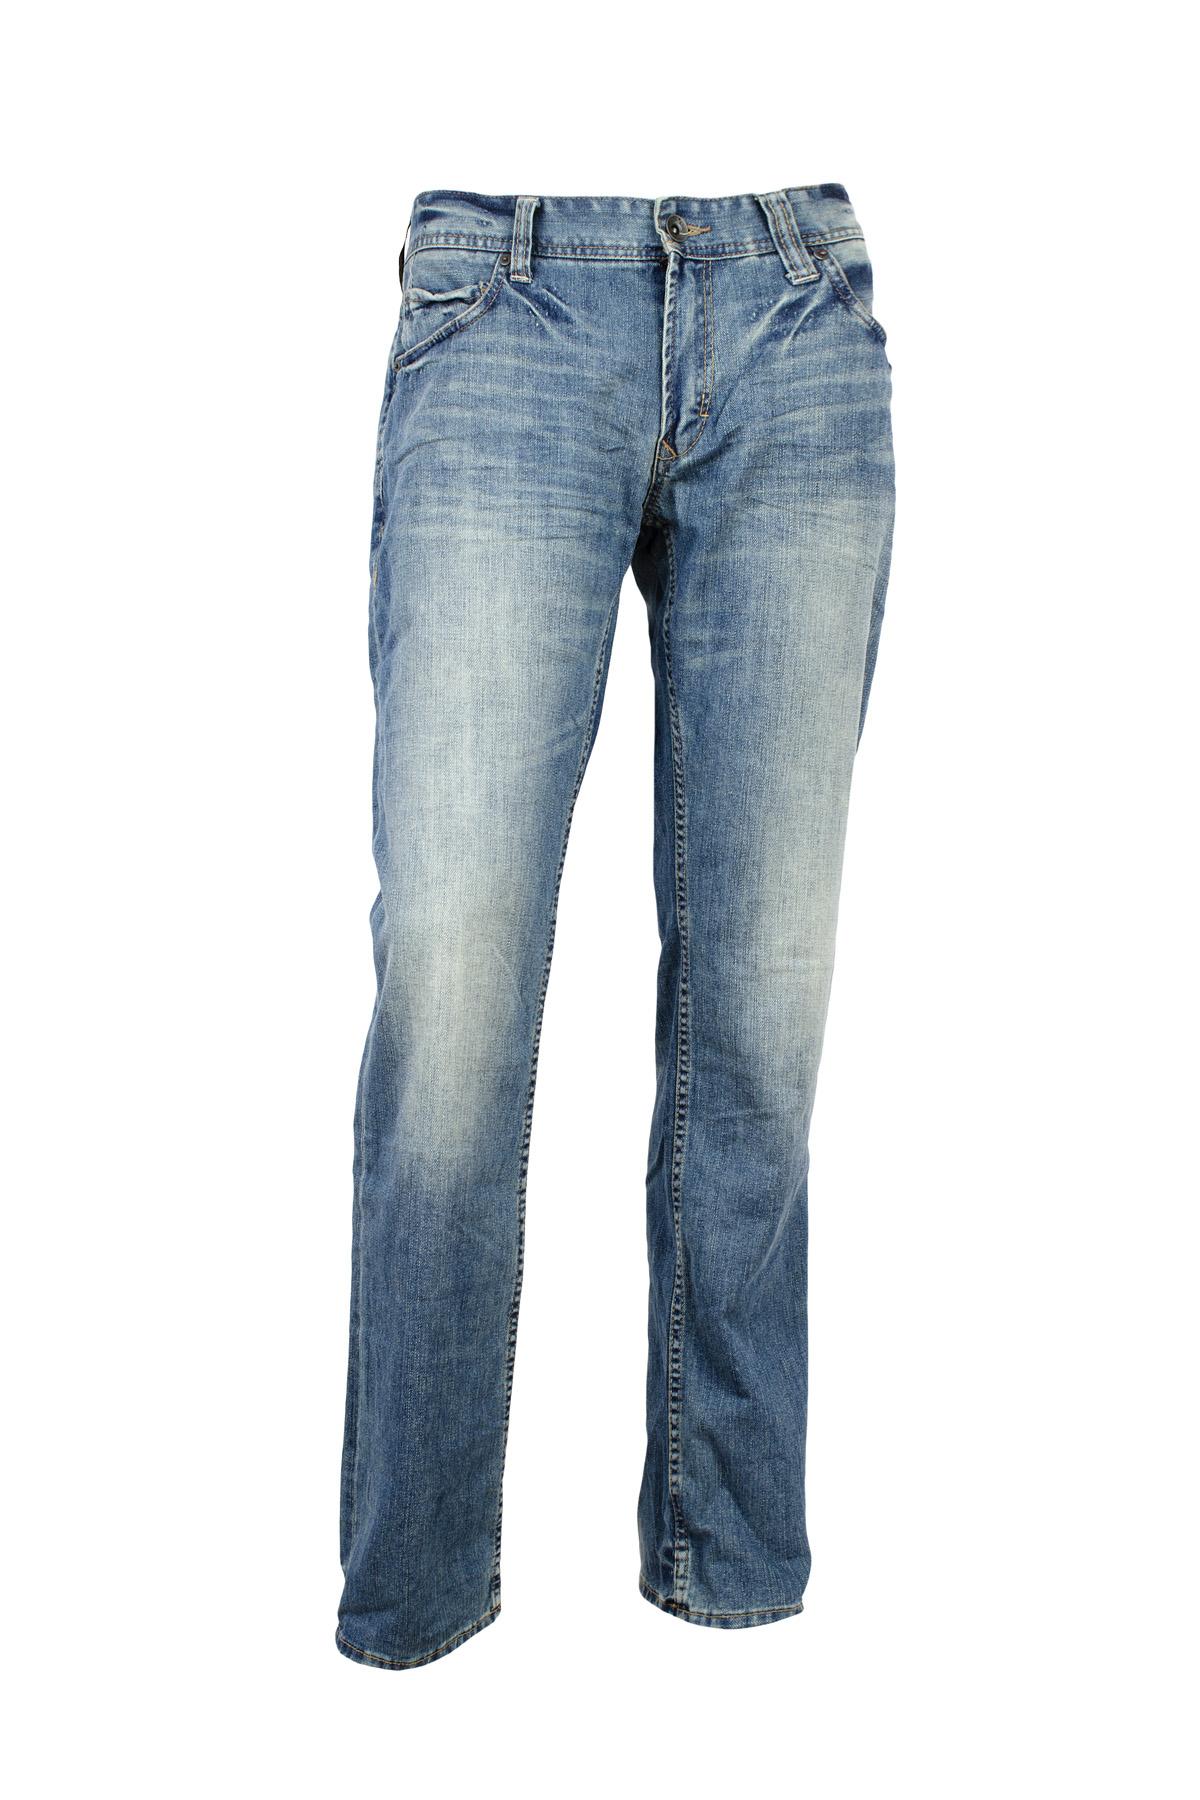 qs by s oliver herren jeanshose john standard fit blue ebay. Black Bedroom Furniture Sets. Home Design Ideas